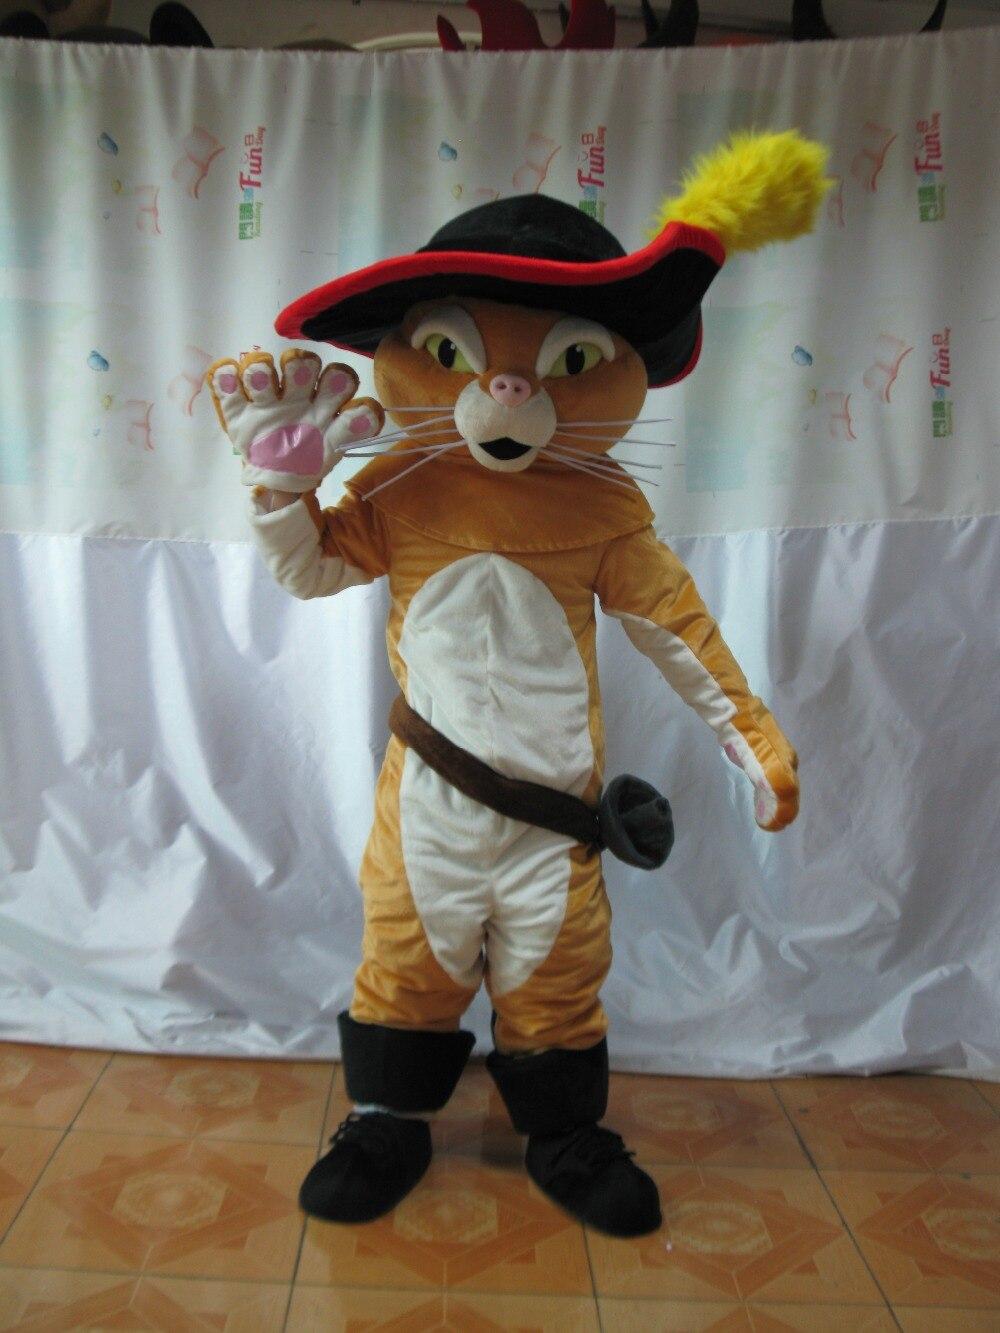 Adulto gatto Con Gli Stivali Gatto costume Della Mascotte Del Partito Costumi di Carnevale Costumi in Maschera per Halloween party evento